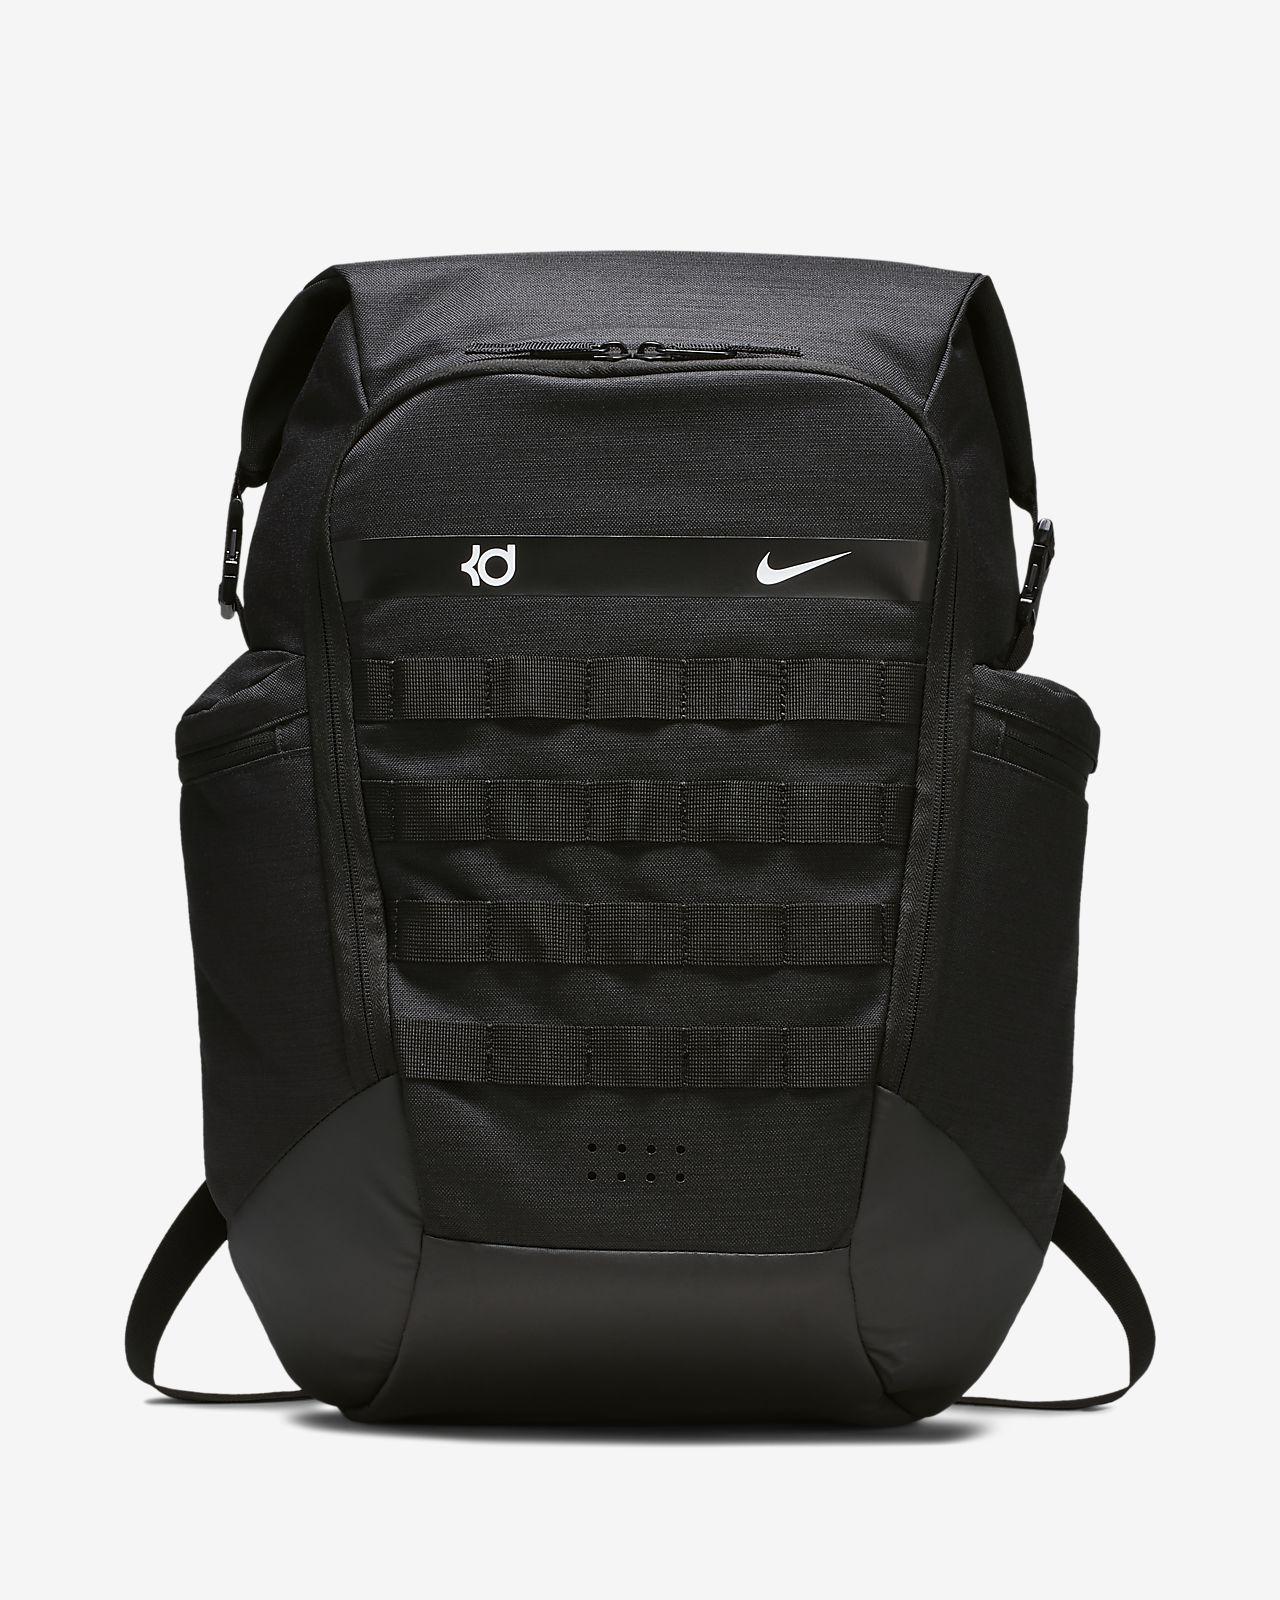 4a9336d256a9 KD Trey 5 Basketball Backpack. Nike.com